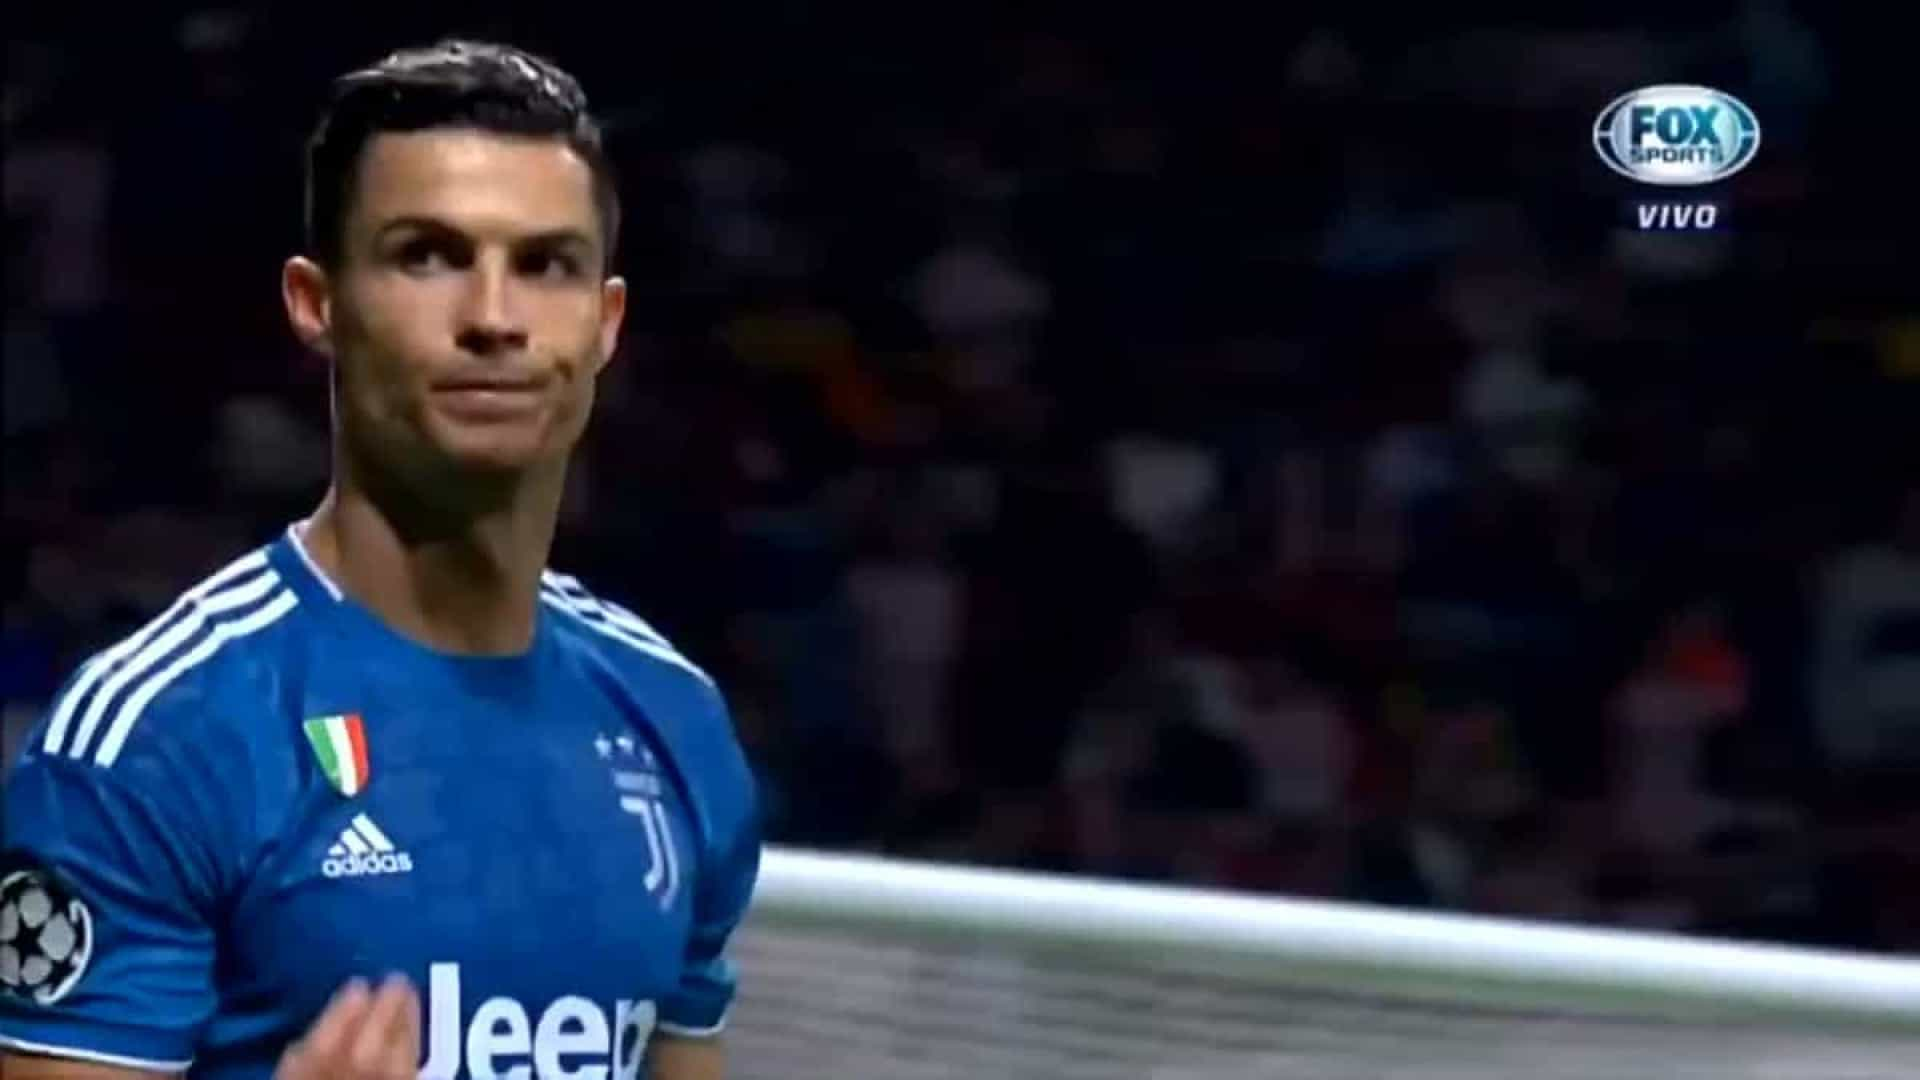 O 'polémico' gesto de Ronaldo para os adeptos do Atlético